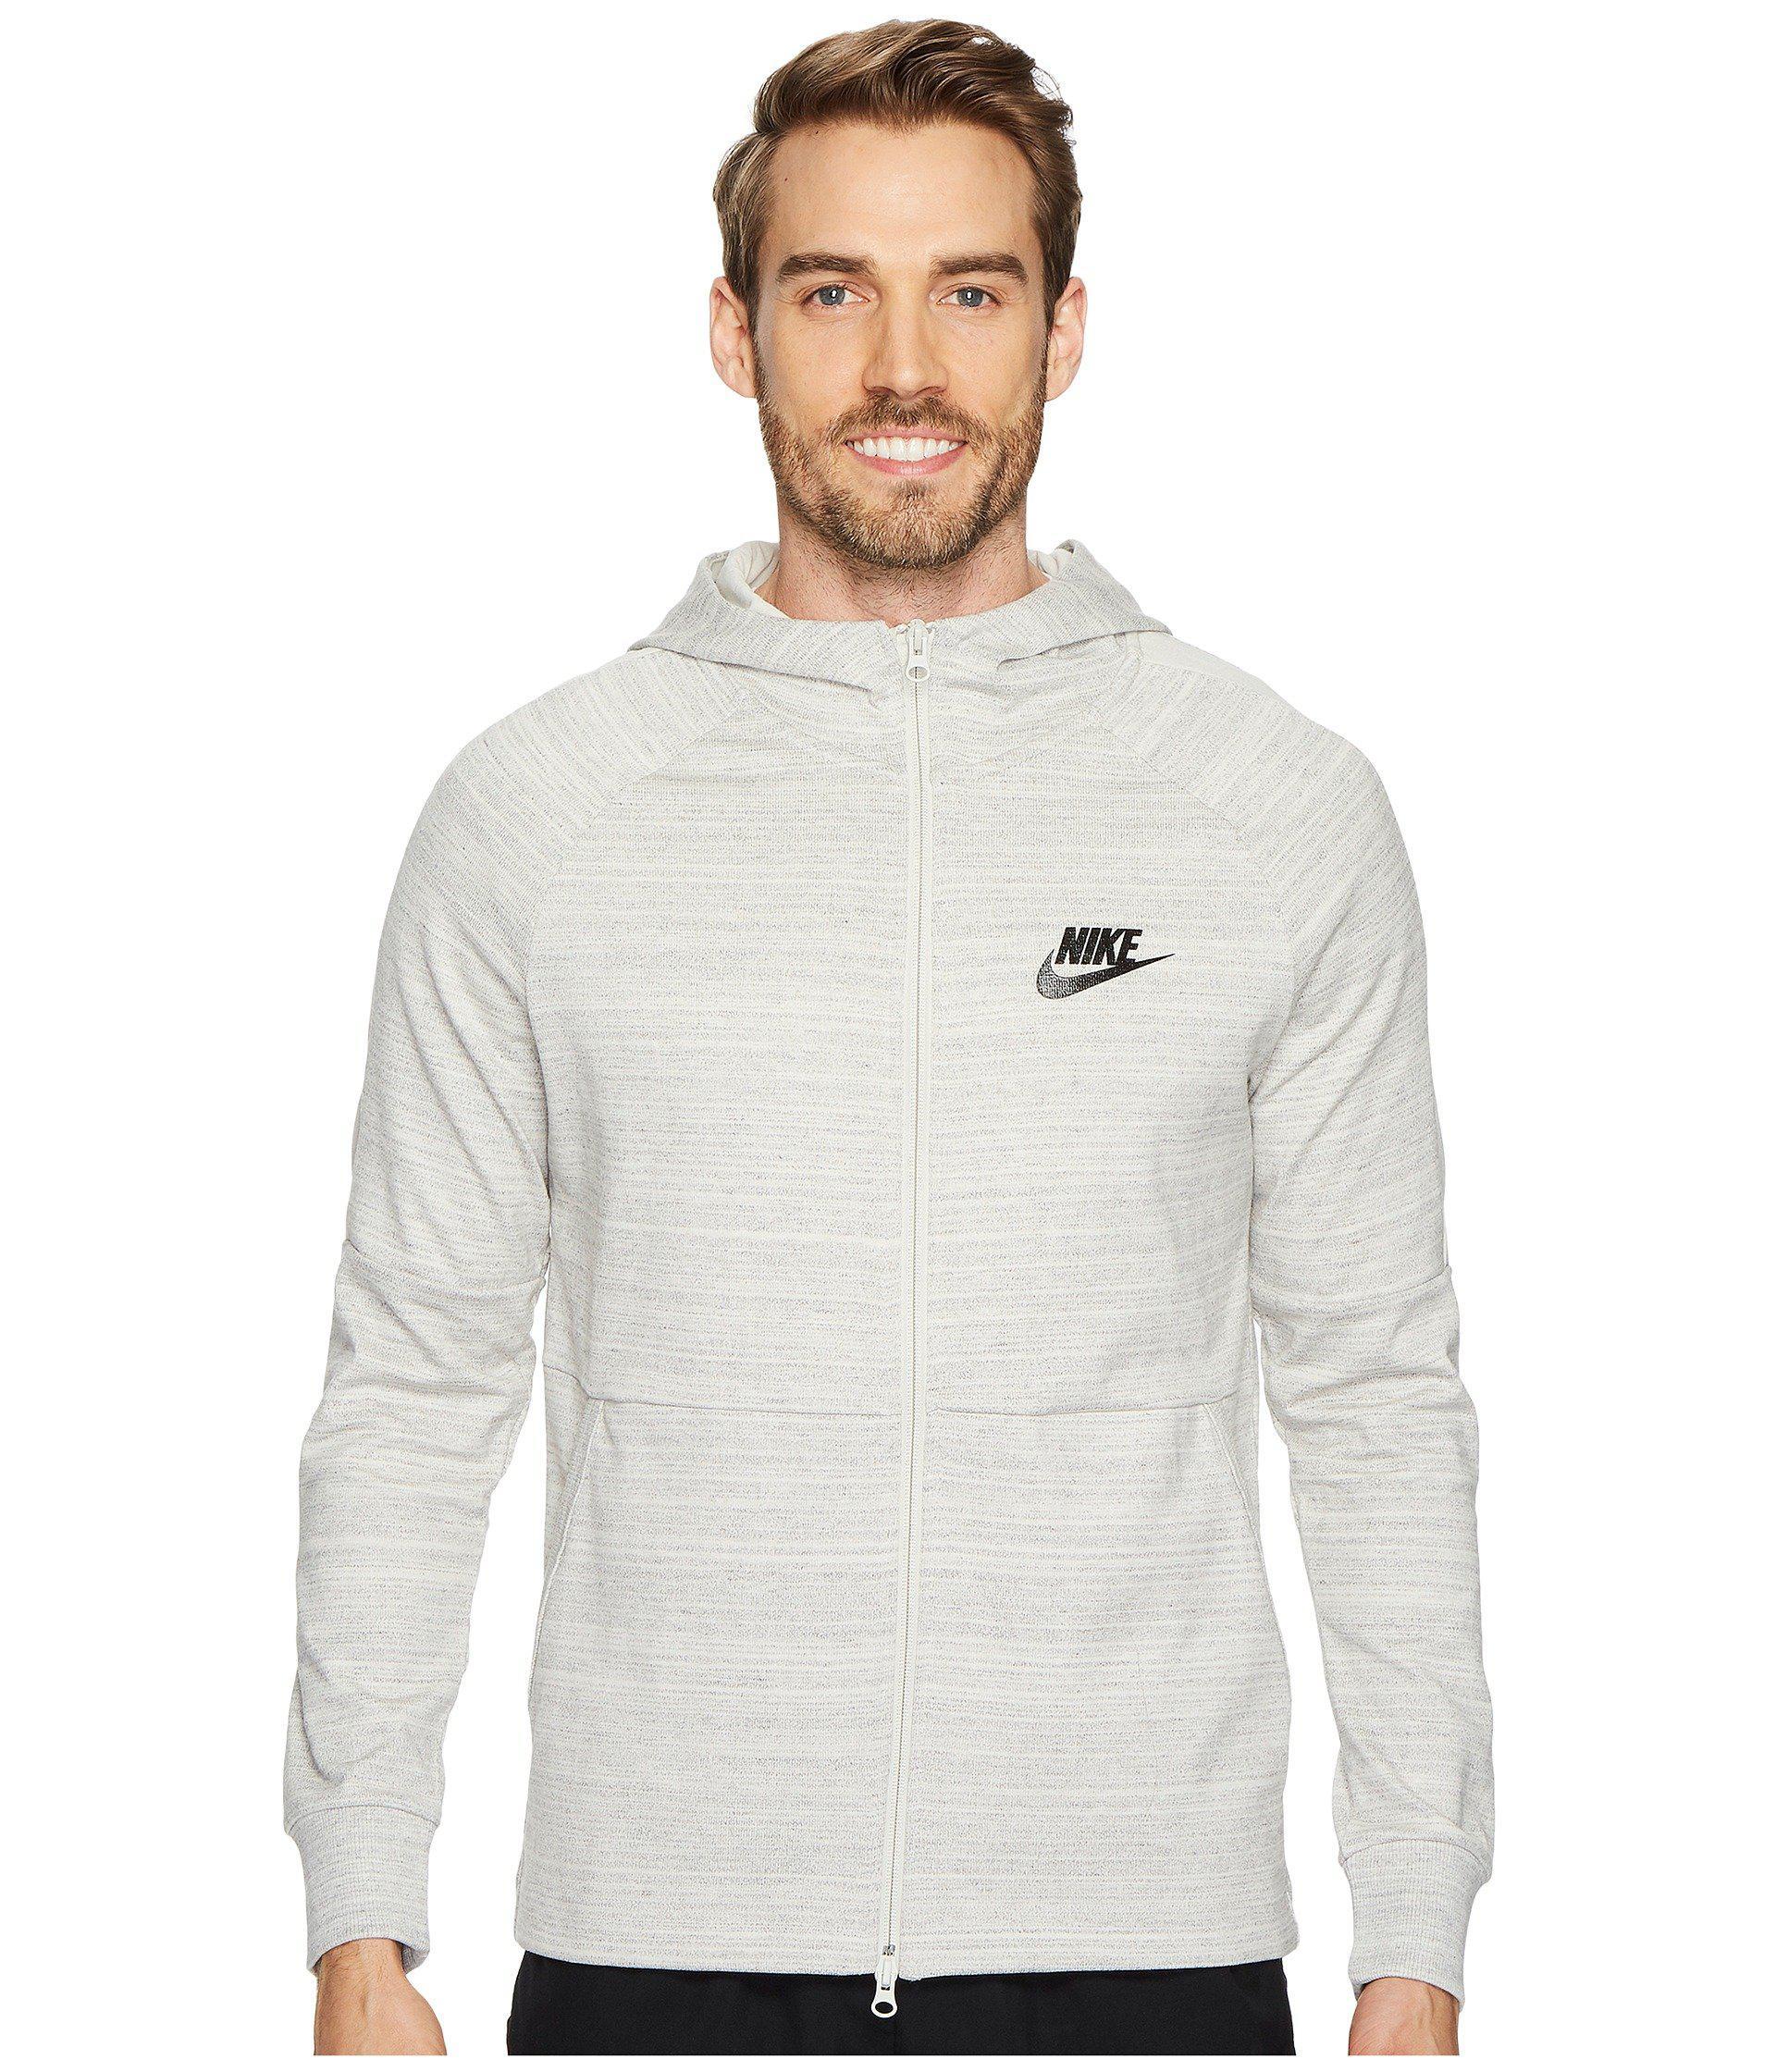 375ce89cd0 Lyst - Nike Sportswear Advance 15 Full-zip Jacket in Gray for Men ...